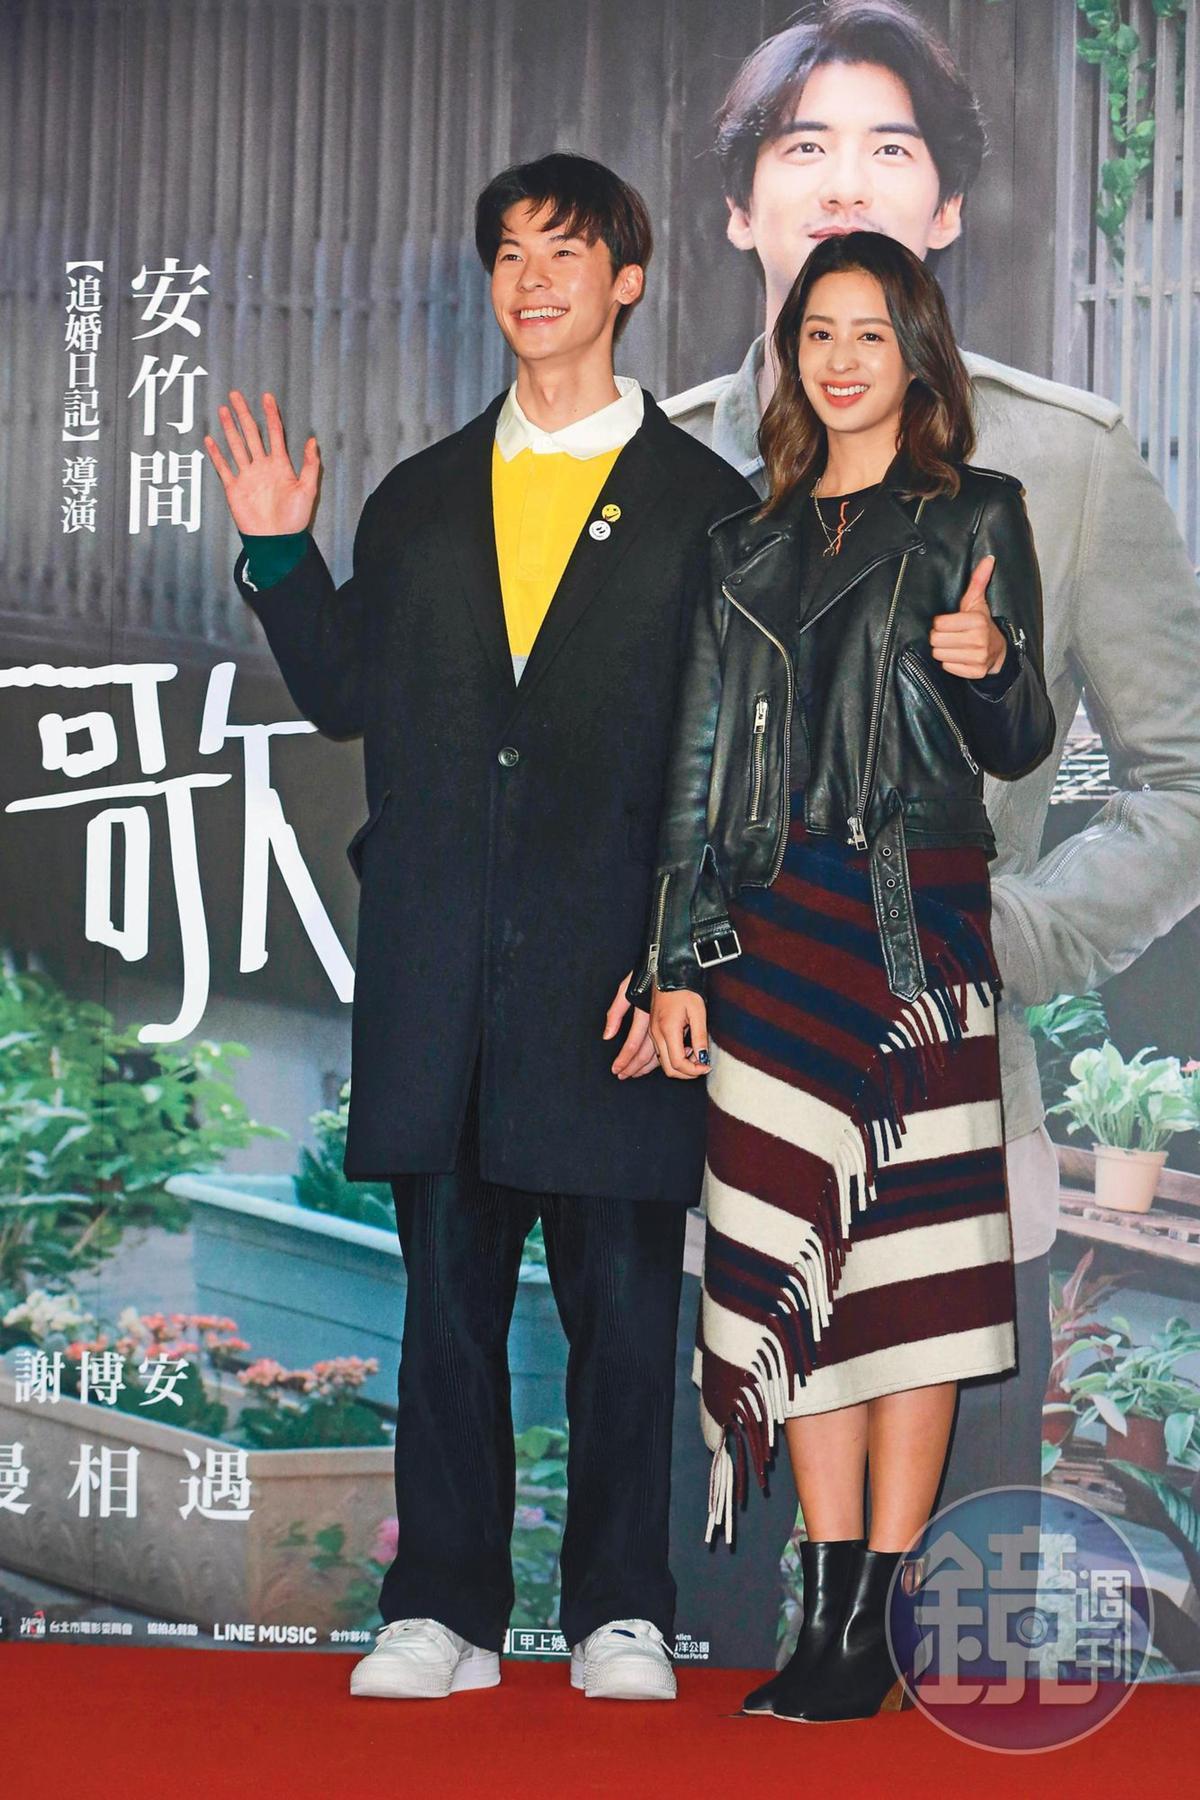 爆紅的許光漢(左)跟莫允雯(右)攜手參加電影《你的情歌》記者會。